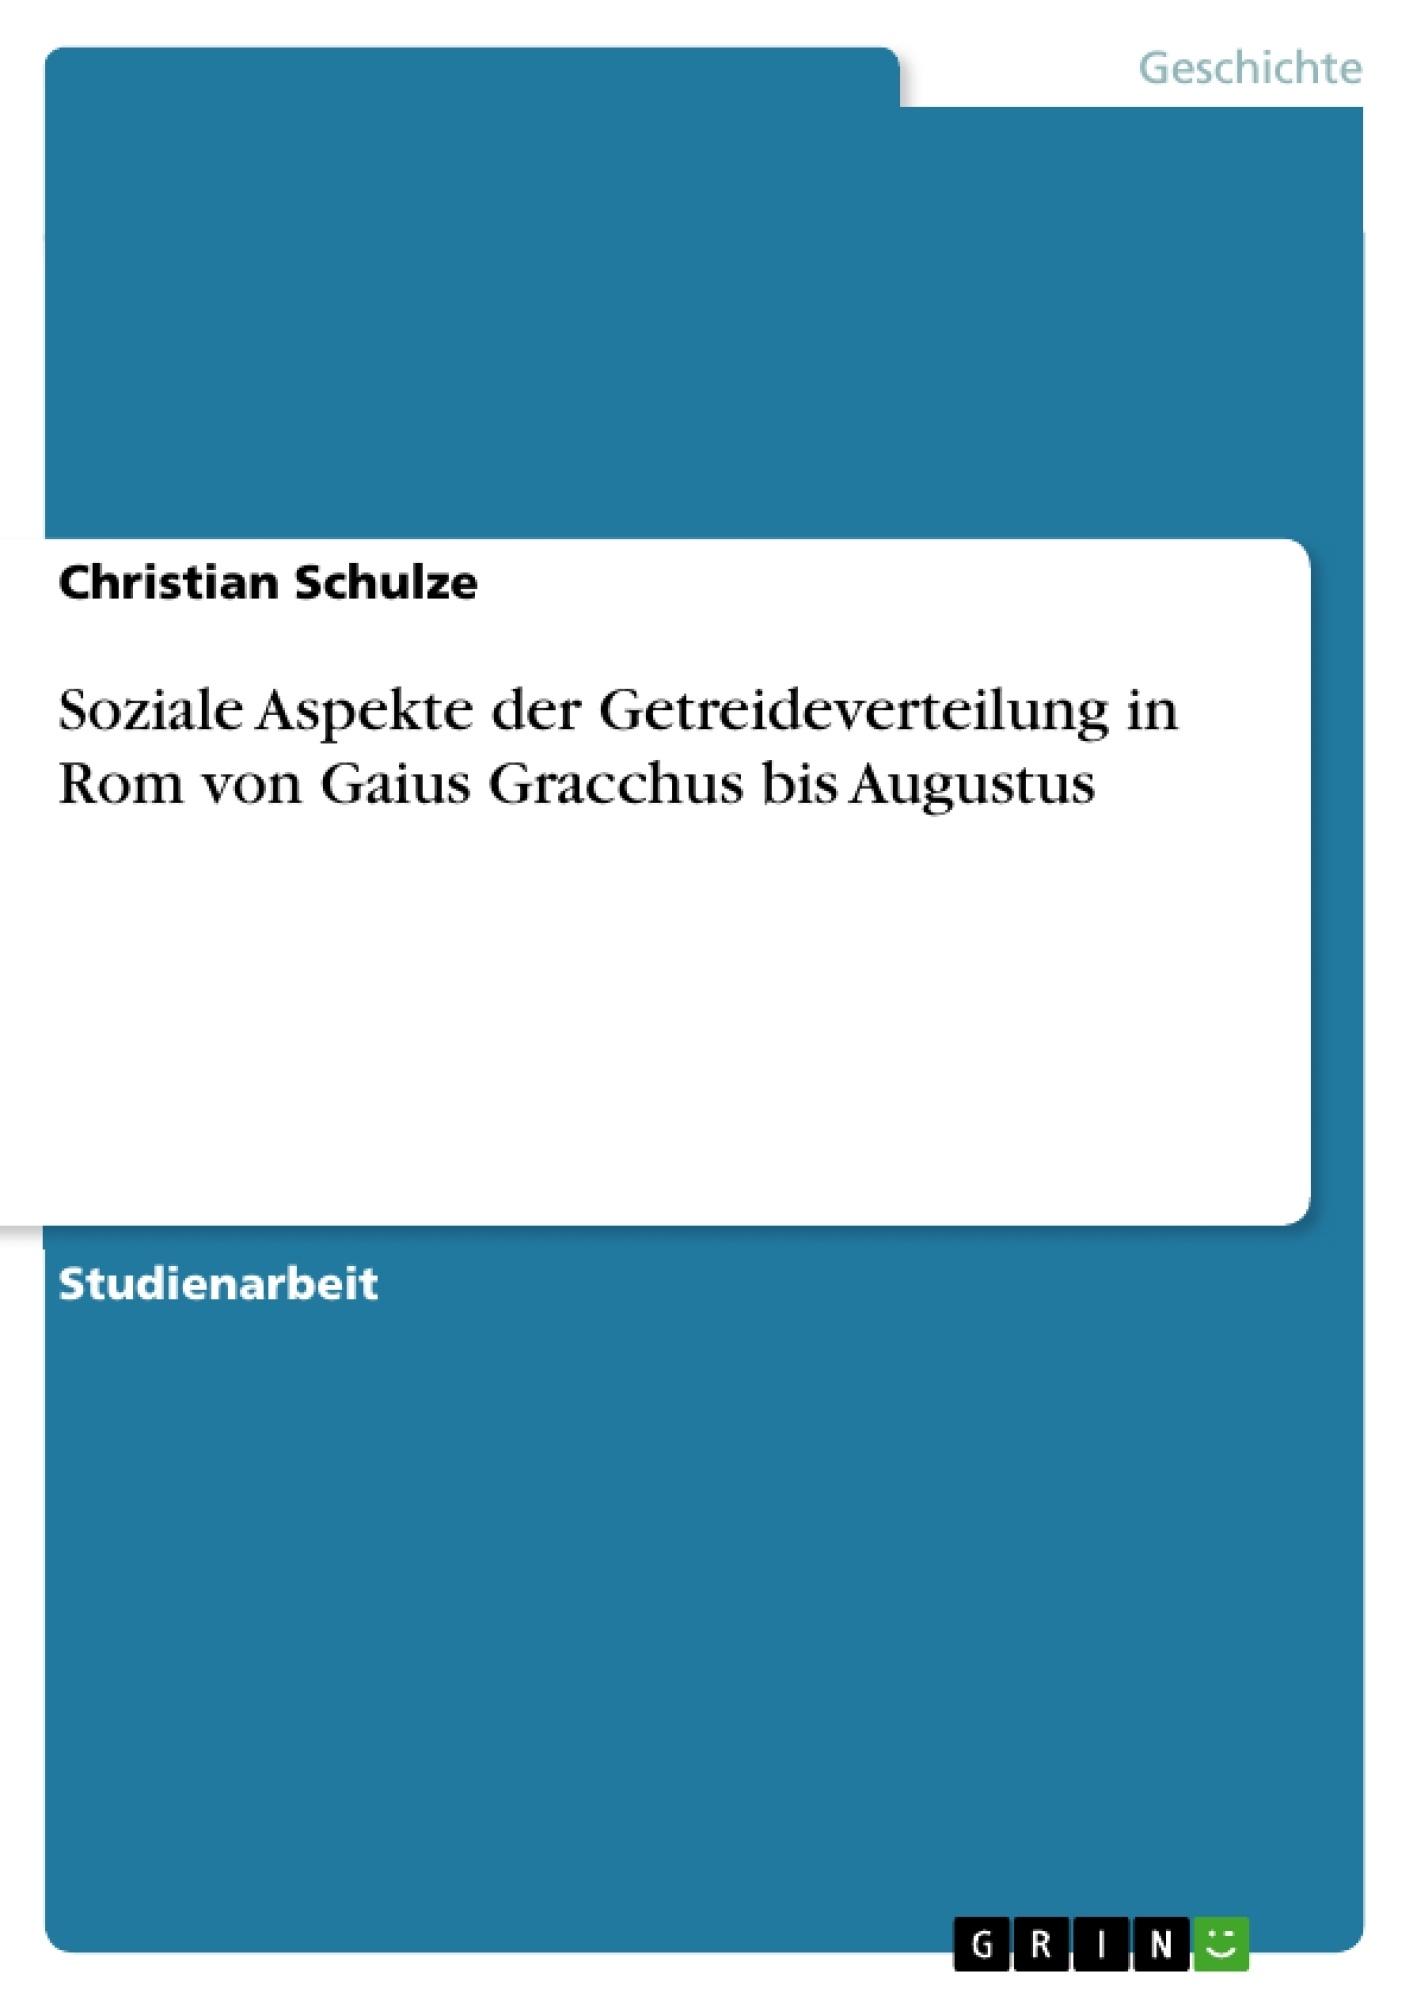 Titel: Soziale Aspekte der Getreideverteilung in Rom von Gaius Gracchus bis Augustus